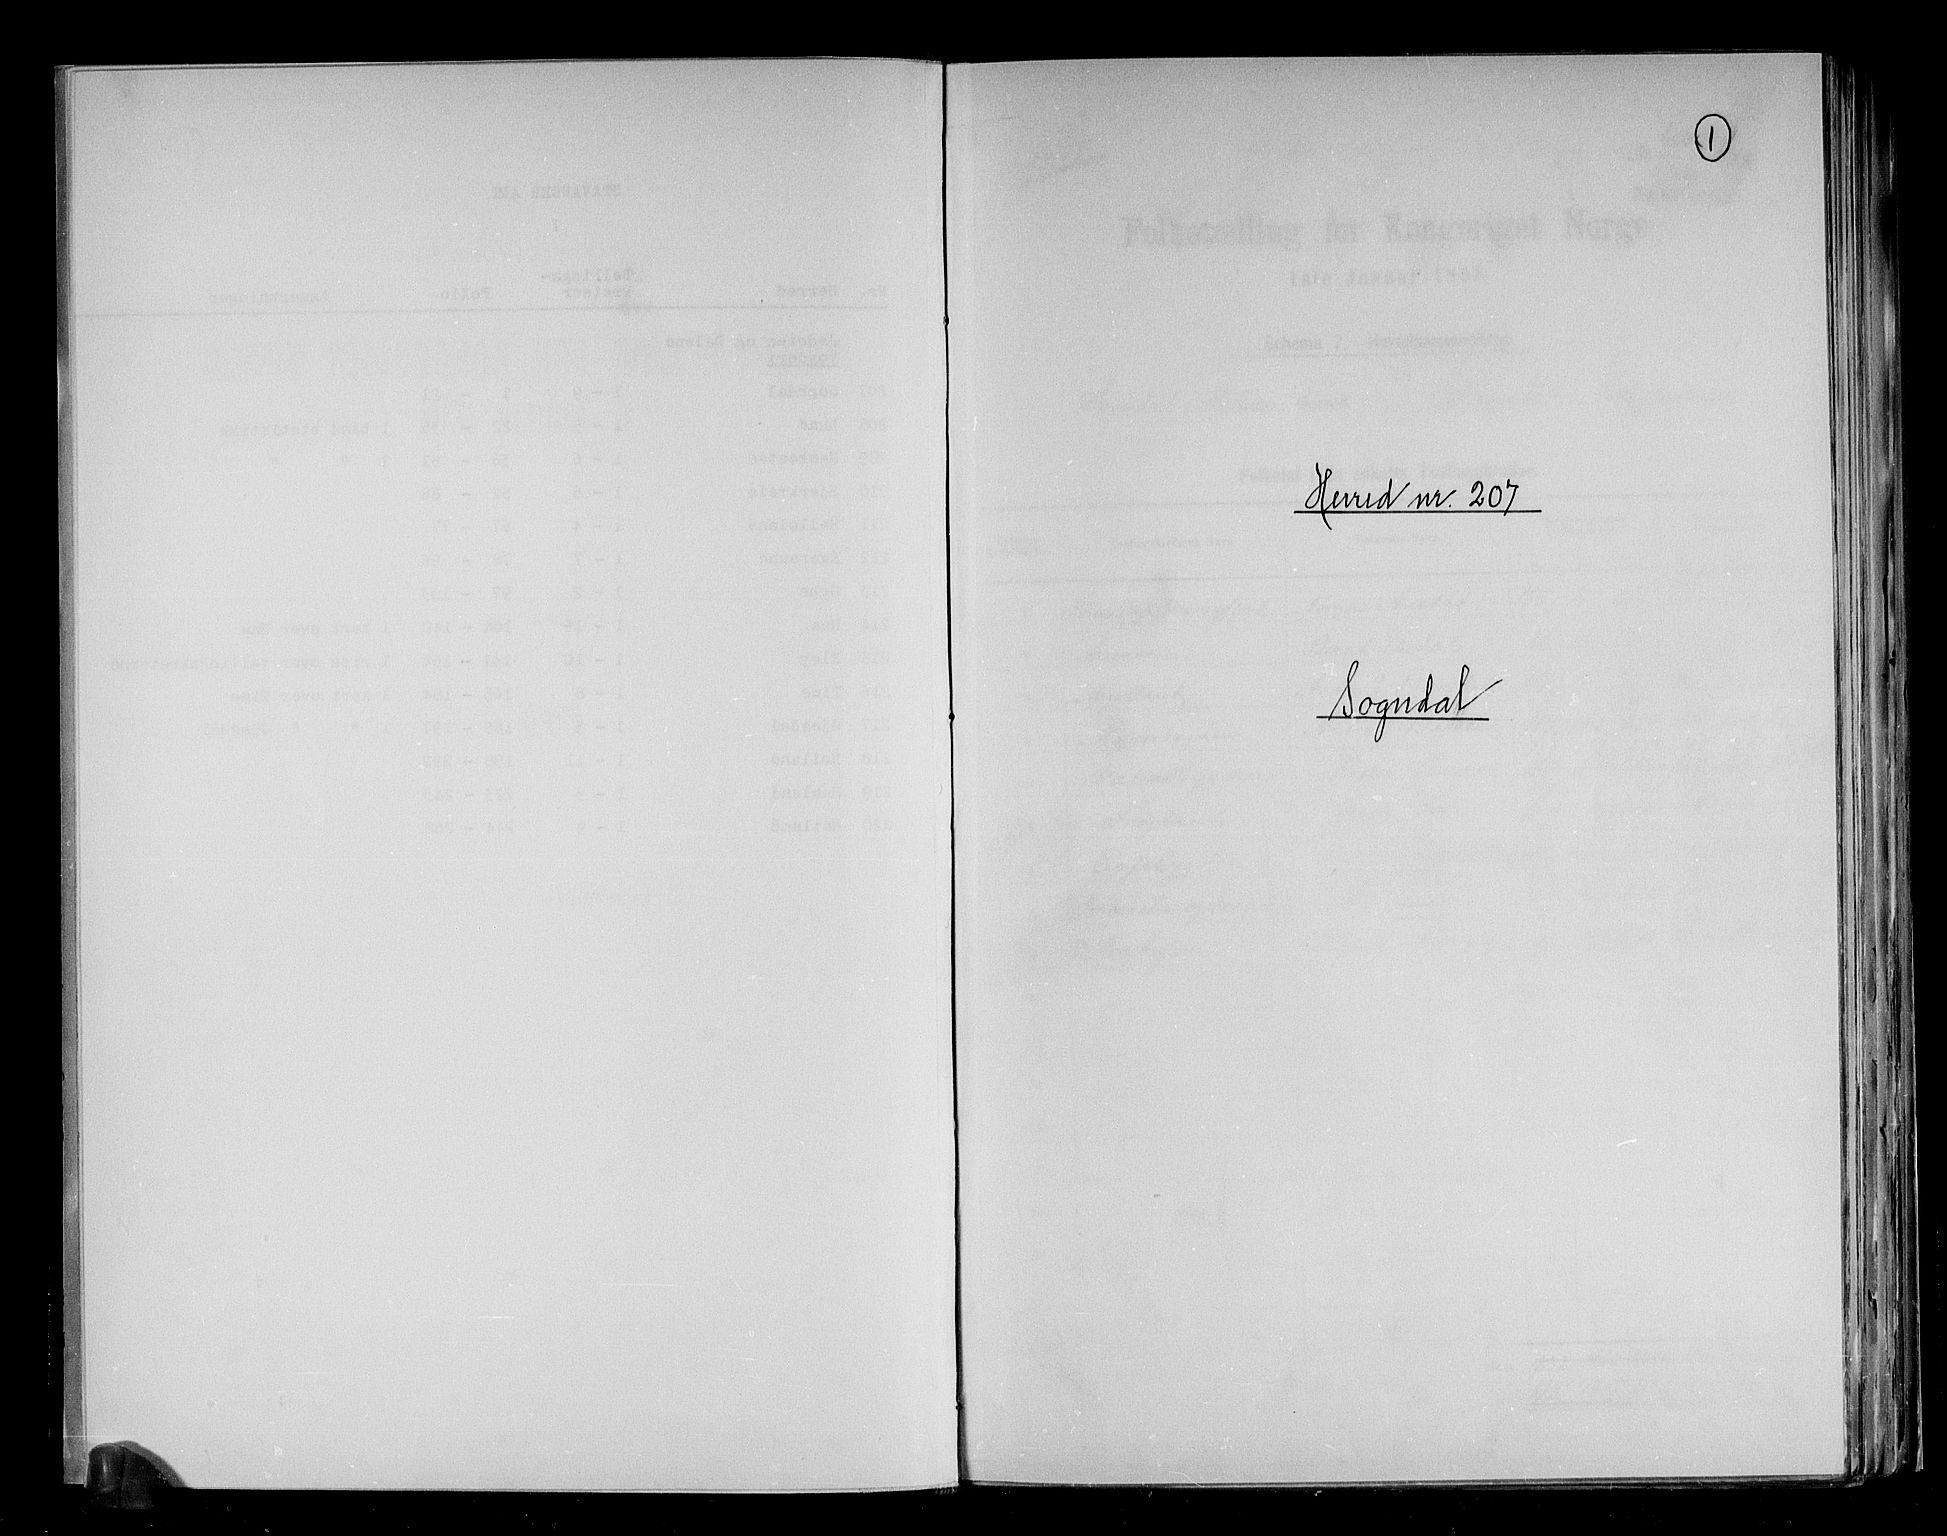 RA, Folketelling 1891 for 1111 Sokndal herred, 1891, s. 1